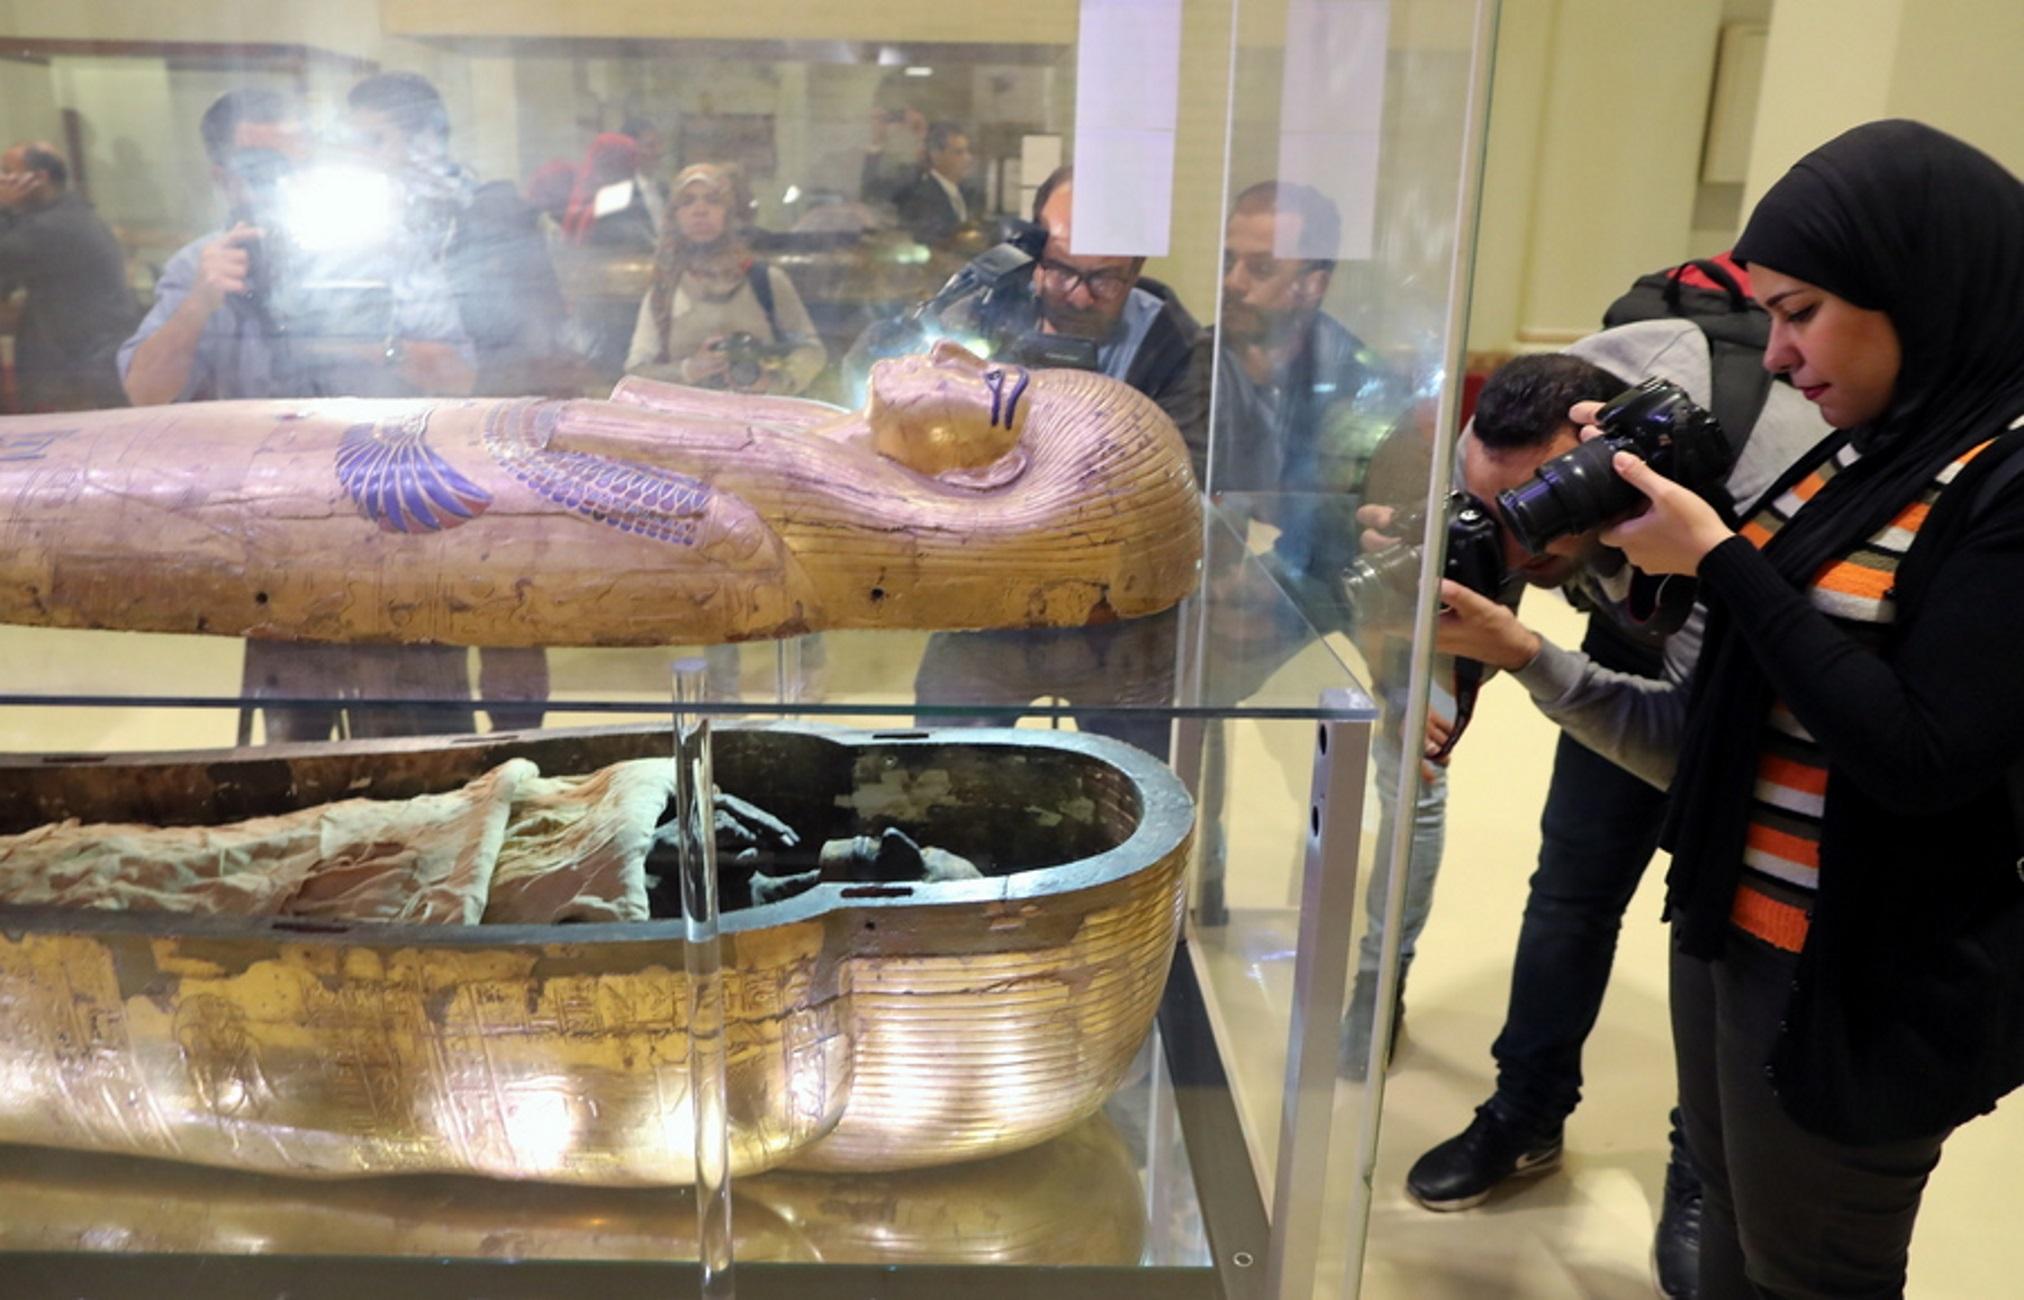 Δωρεάν από την 1η Αυγούστου η φωτογράφιση στα αιγυπτιακά μουσεία από κινητά τηλέφωνα